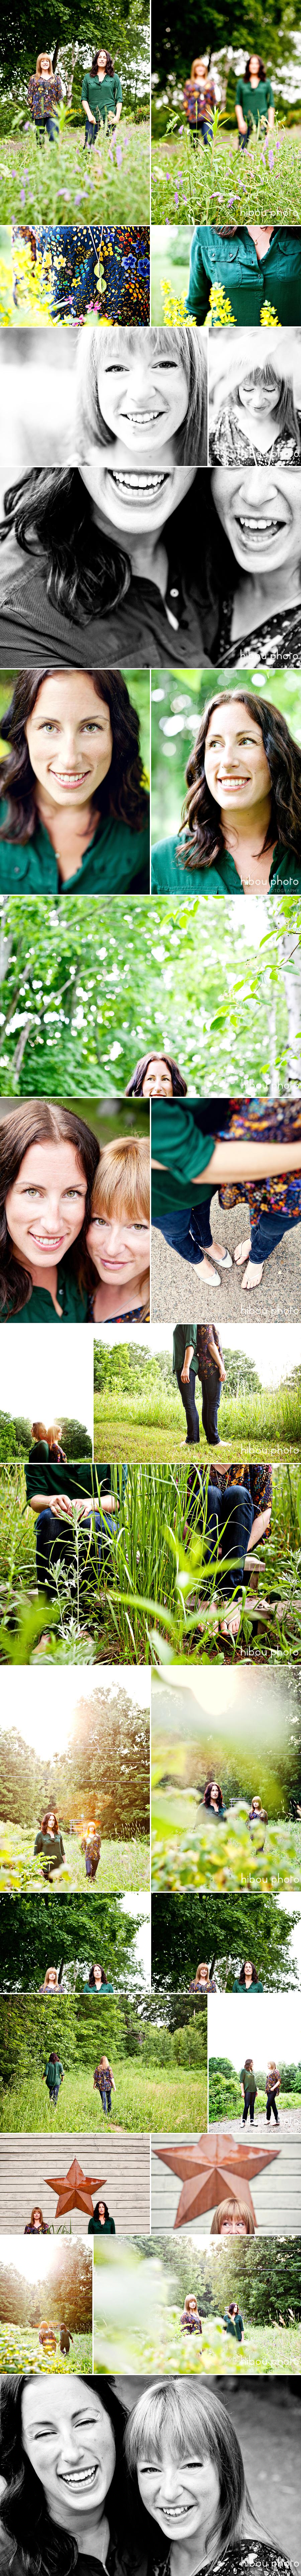 Fredericton family portrait photographer hibou photo